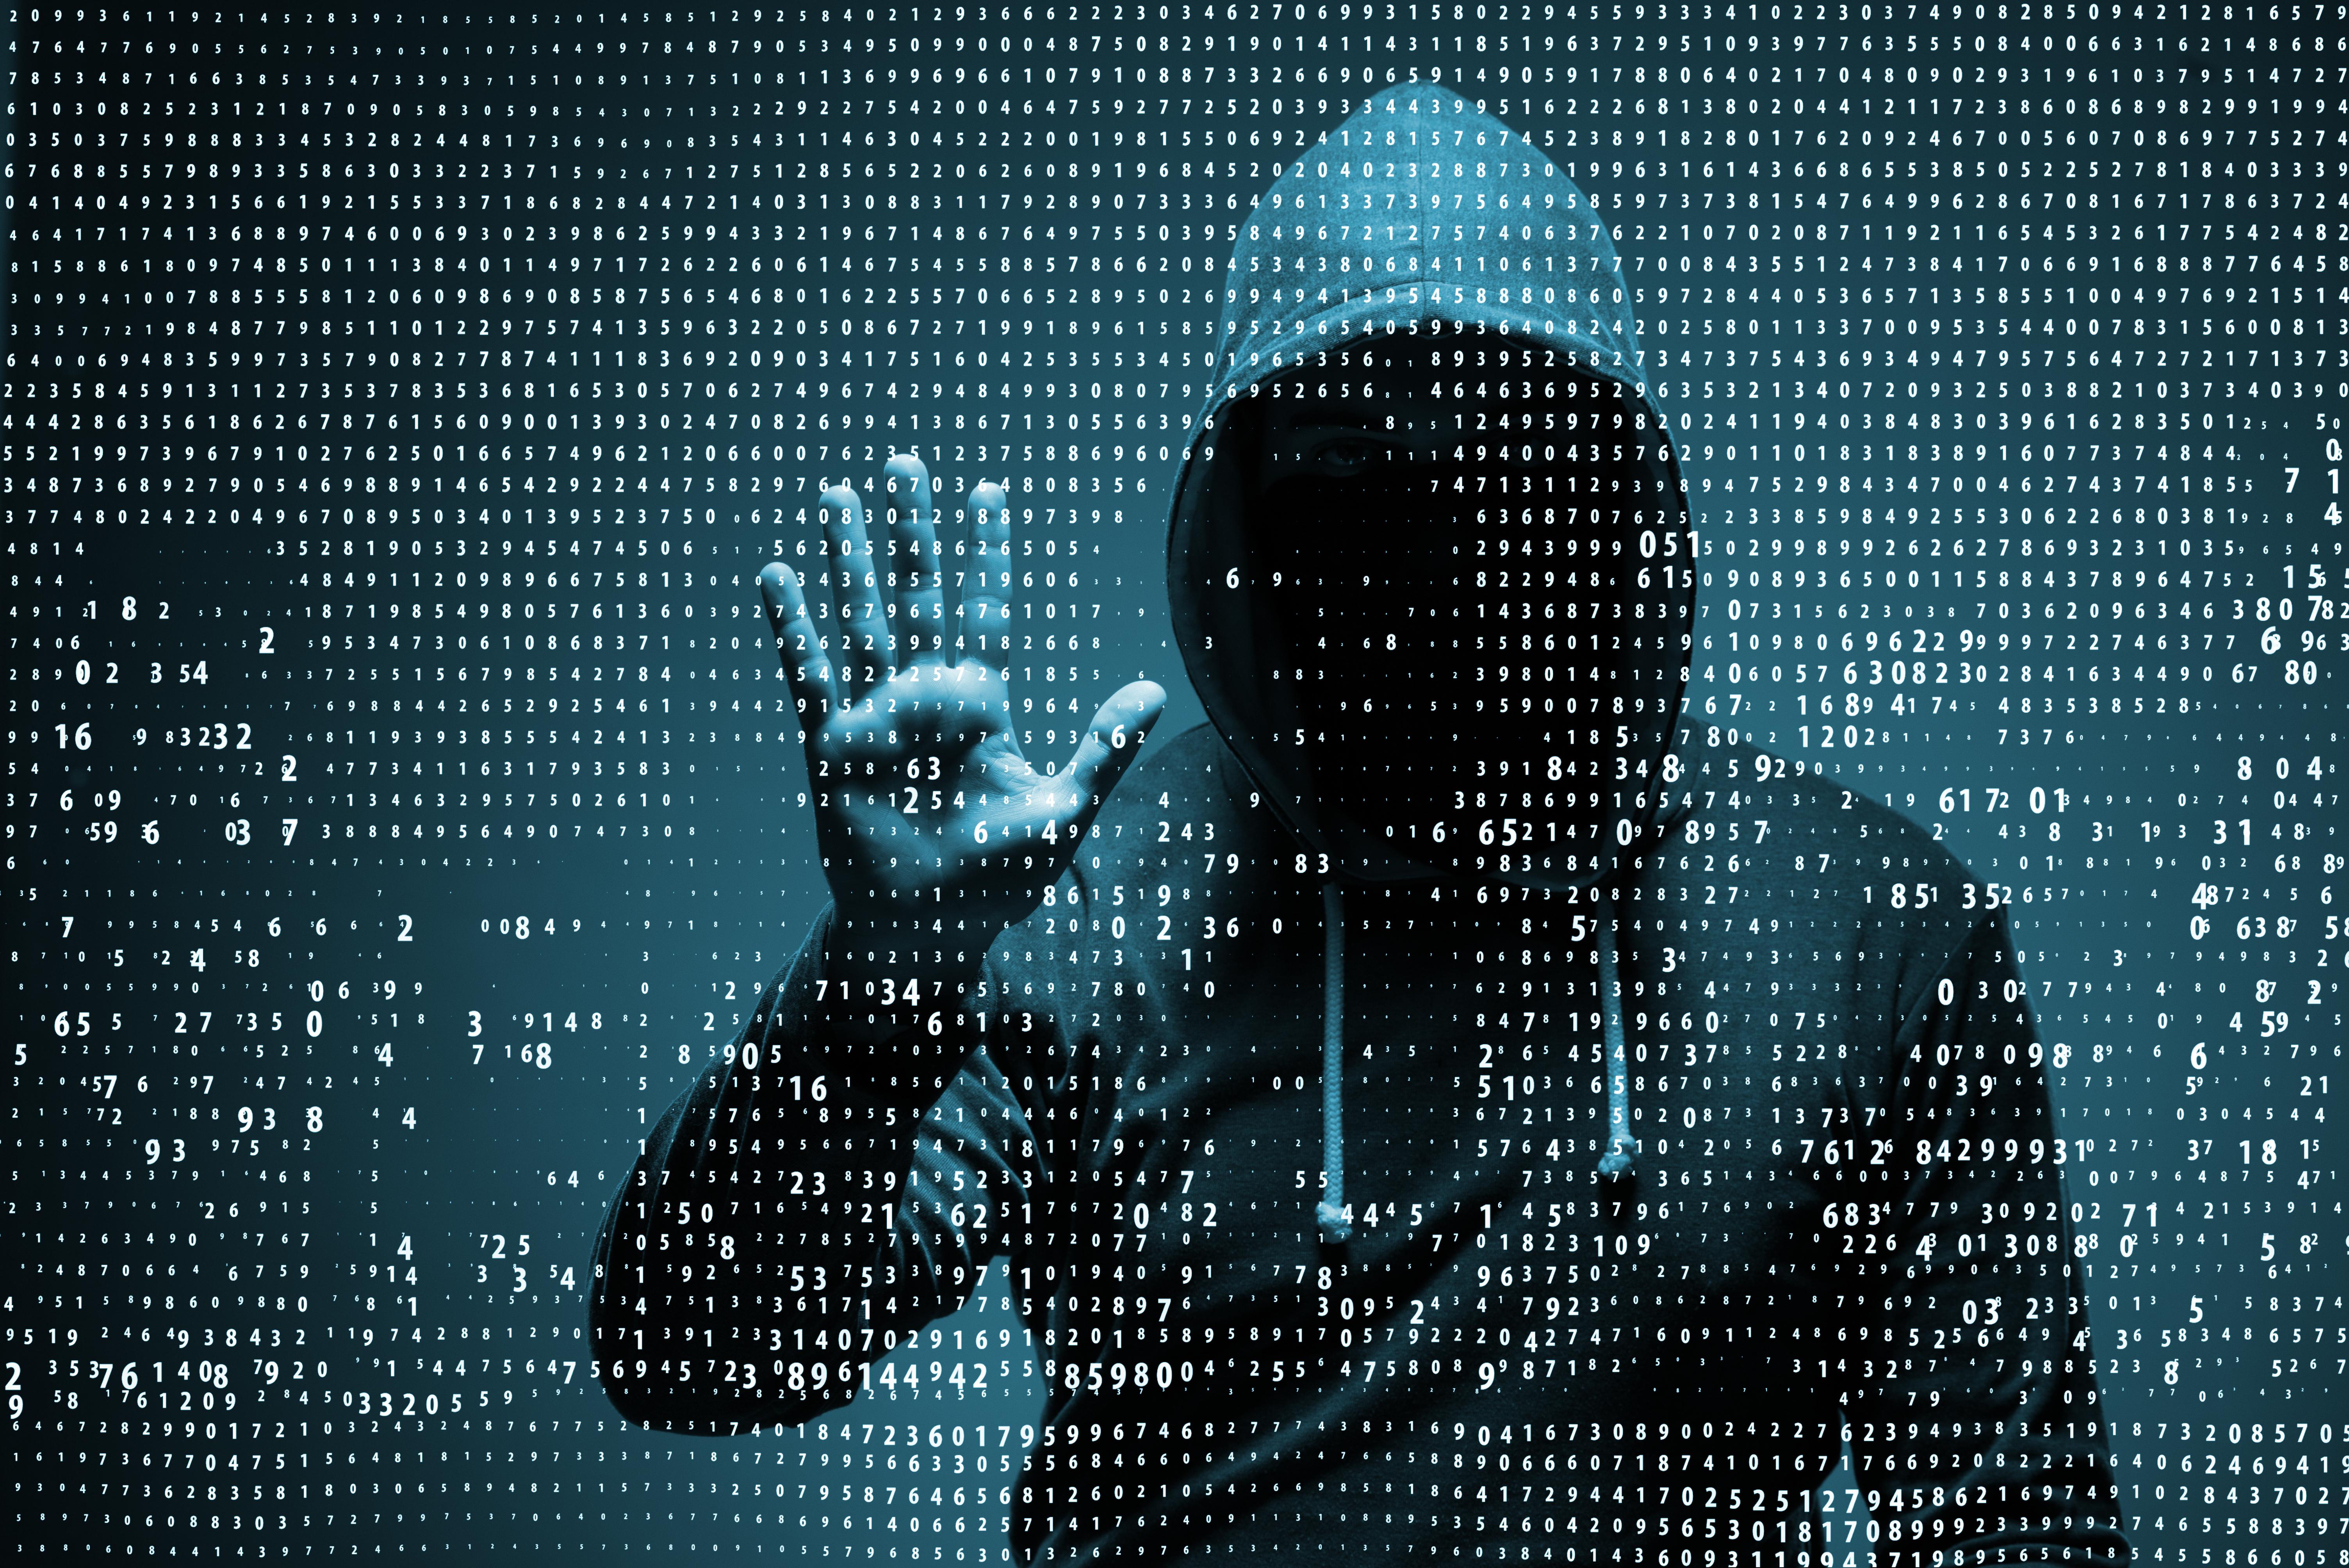 Choć inwestycje rosną, jedna trzecia firmowych ekspertów ds. IT przyznaje, że wykrycie oraz reakcja na atak hakerski może trwać nawet cały tydzień. (Fot. Shutterstock)